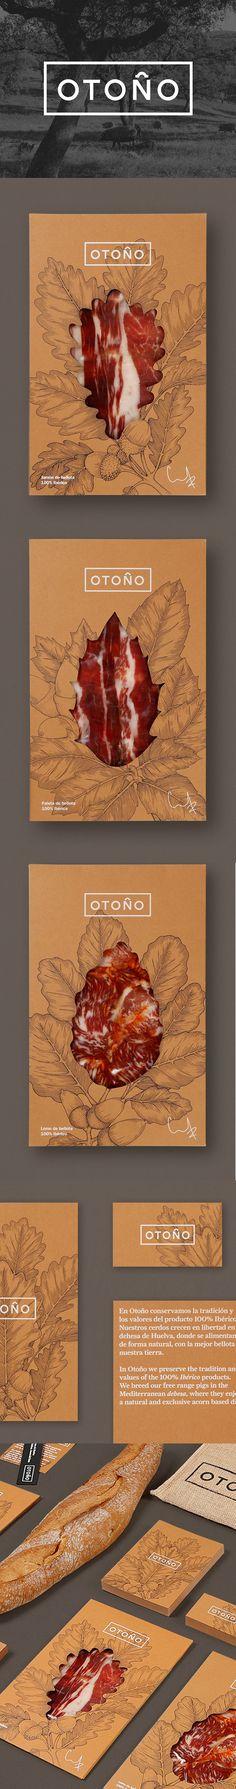 Tres Tipos Gráficos - Otoño Huelva Ham Packaging www.trestiposgraficos.com